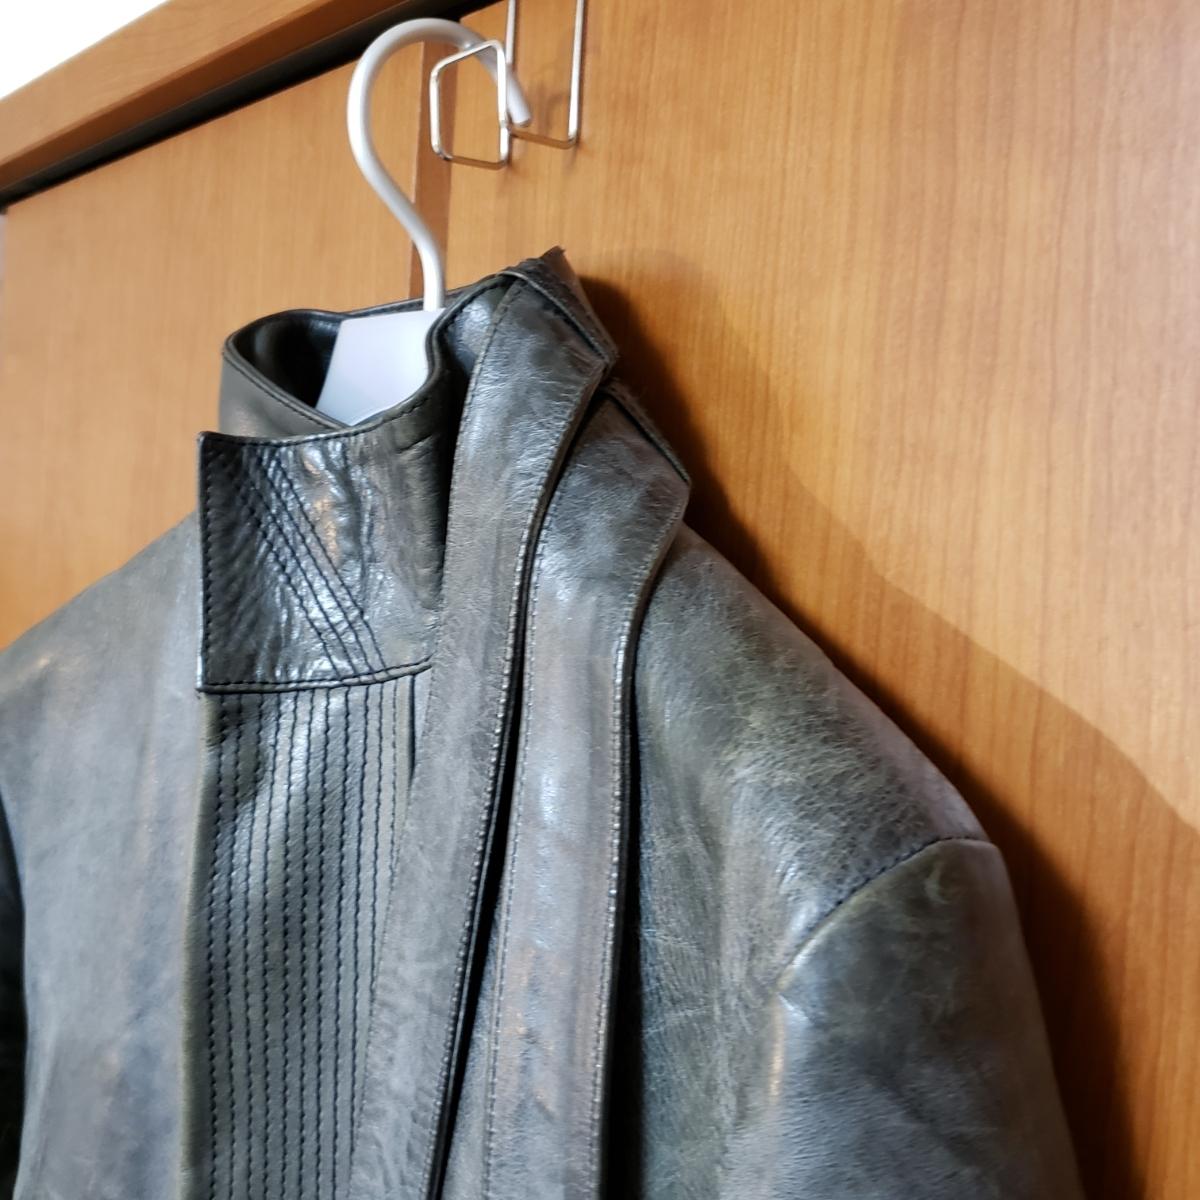 【激レア】 Dior Homme 03'LUSTER期 エディスリマン レザーライダース 44 Hedi Slimane ディオールオム_画像3